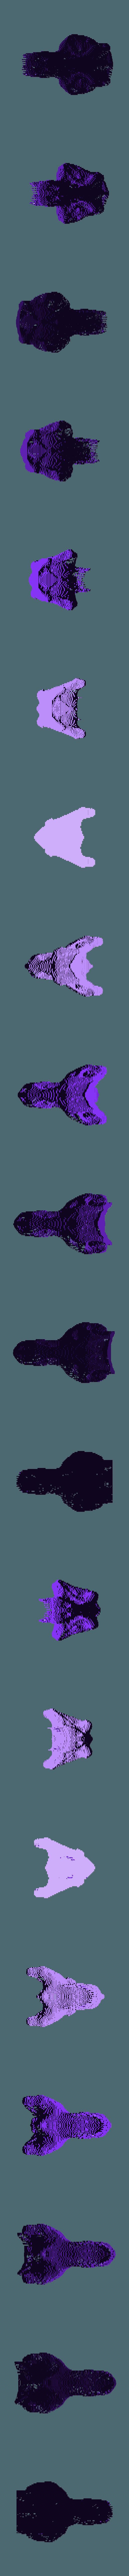 T-RexSkull_Skull_voxelized_96.stl Télécharger fichier STL gratuit Crâne T-Rex voxélisé • Plan imprimable en 3D, makerwiz